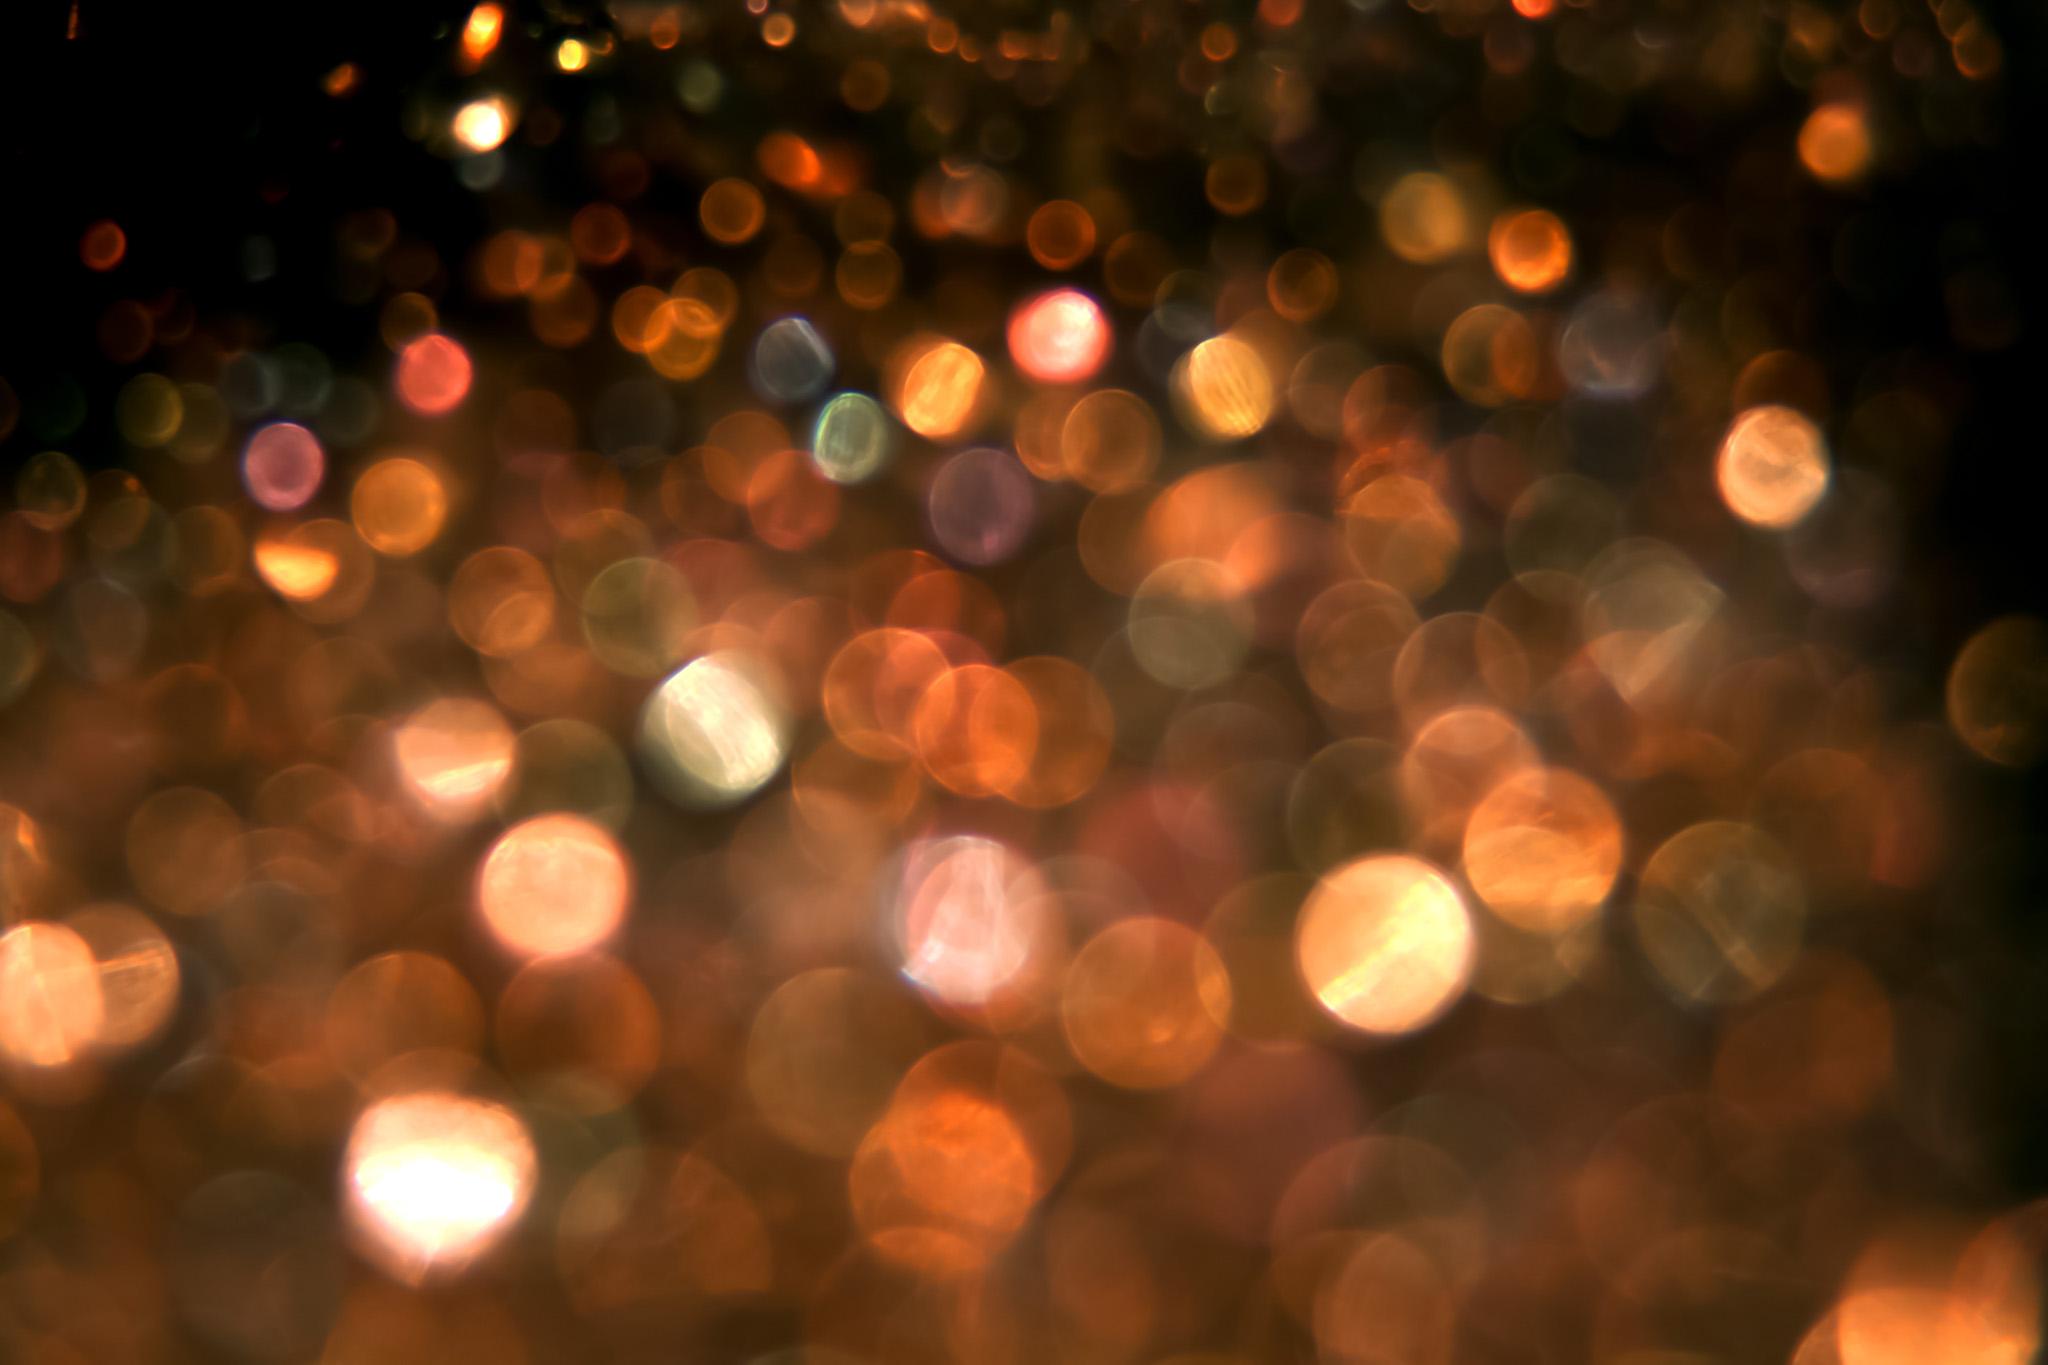 「キラキラの光」の画像を無料ダウンロード